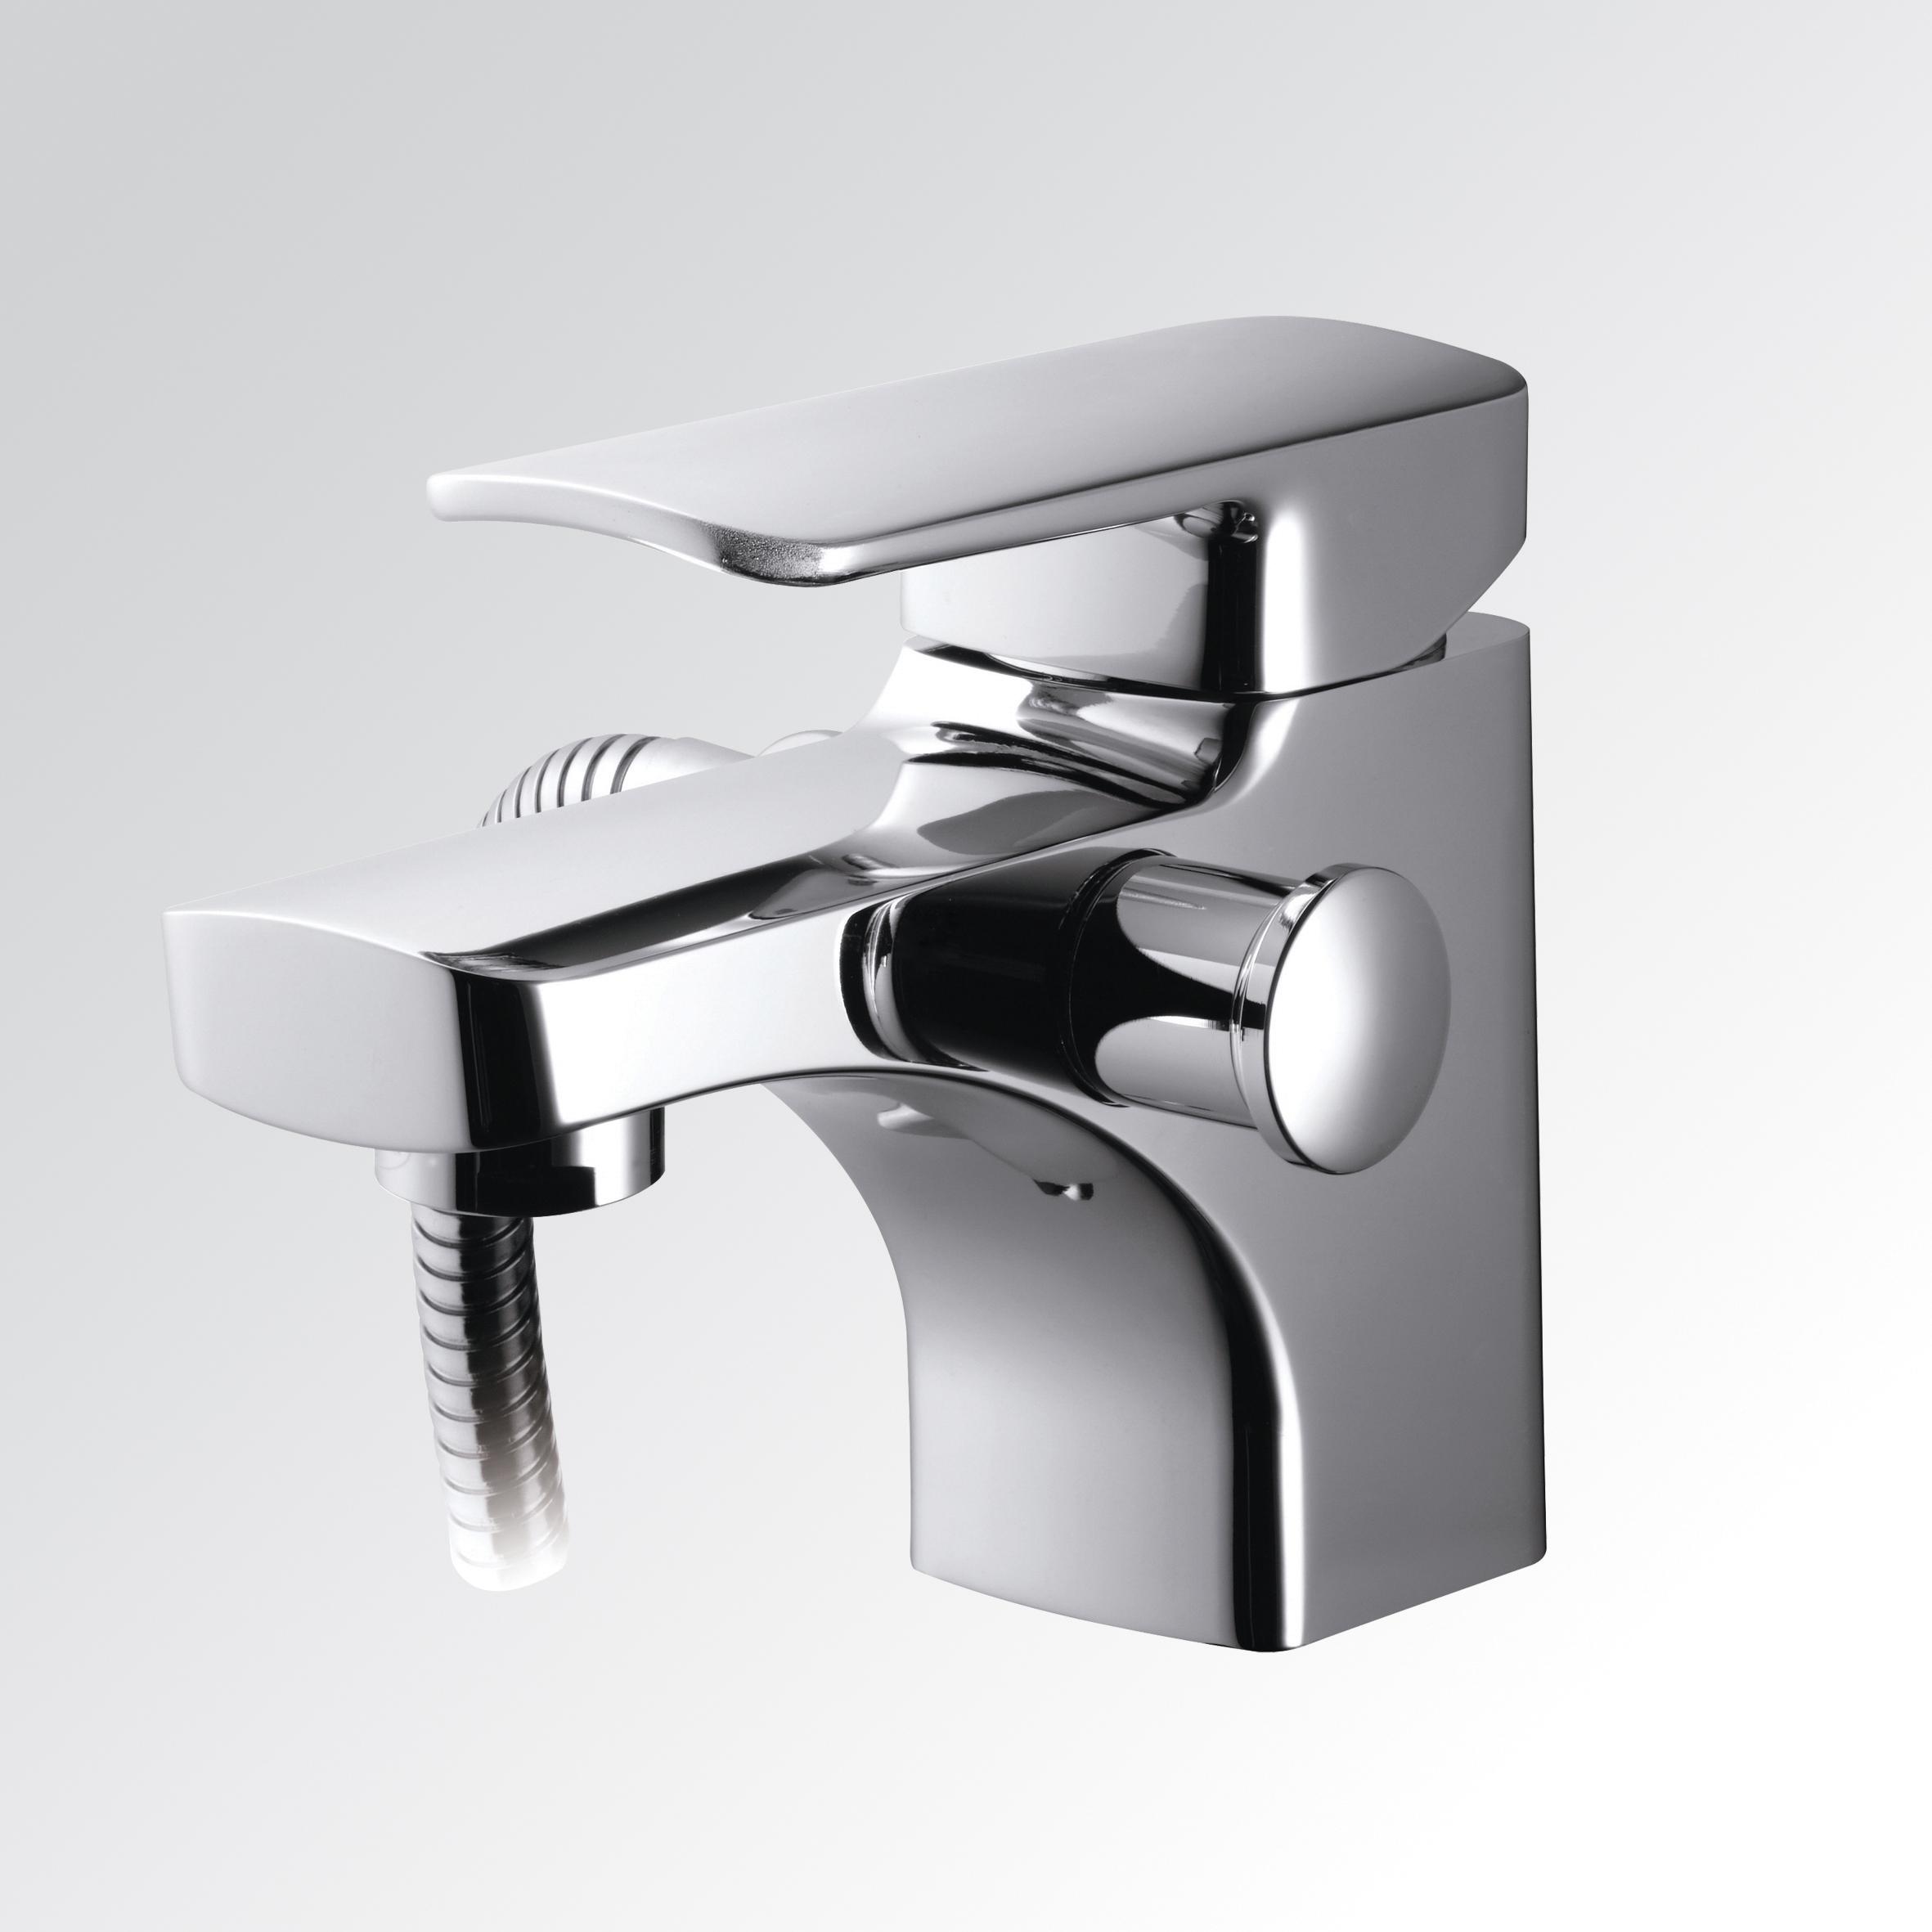 KLS-770C (샤워겸용 원홀세면기)